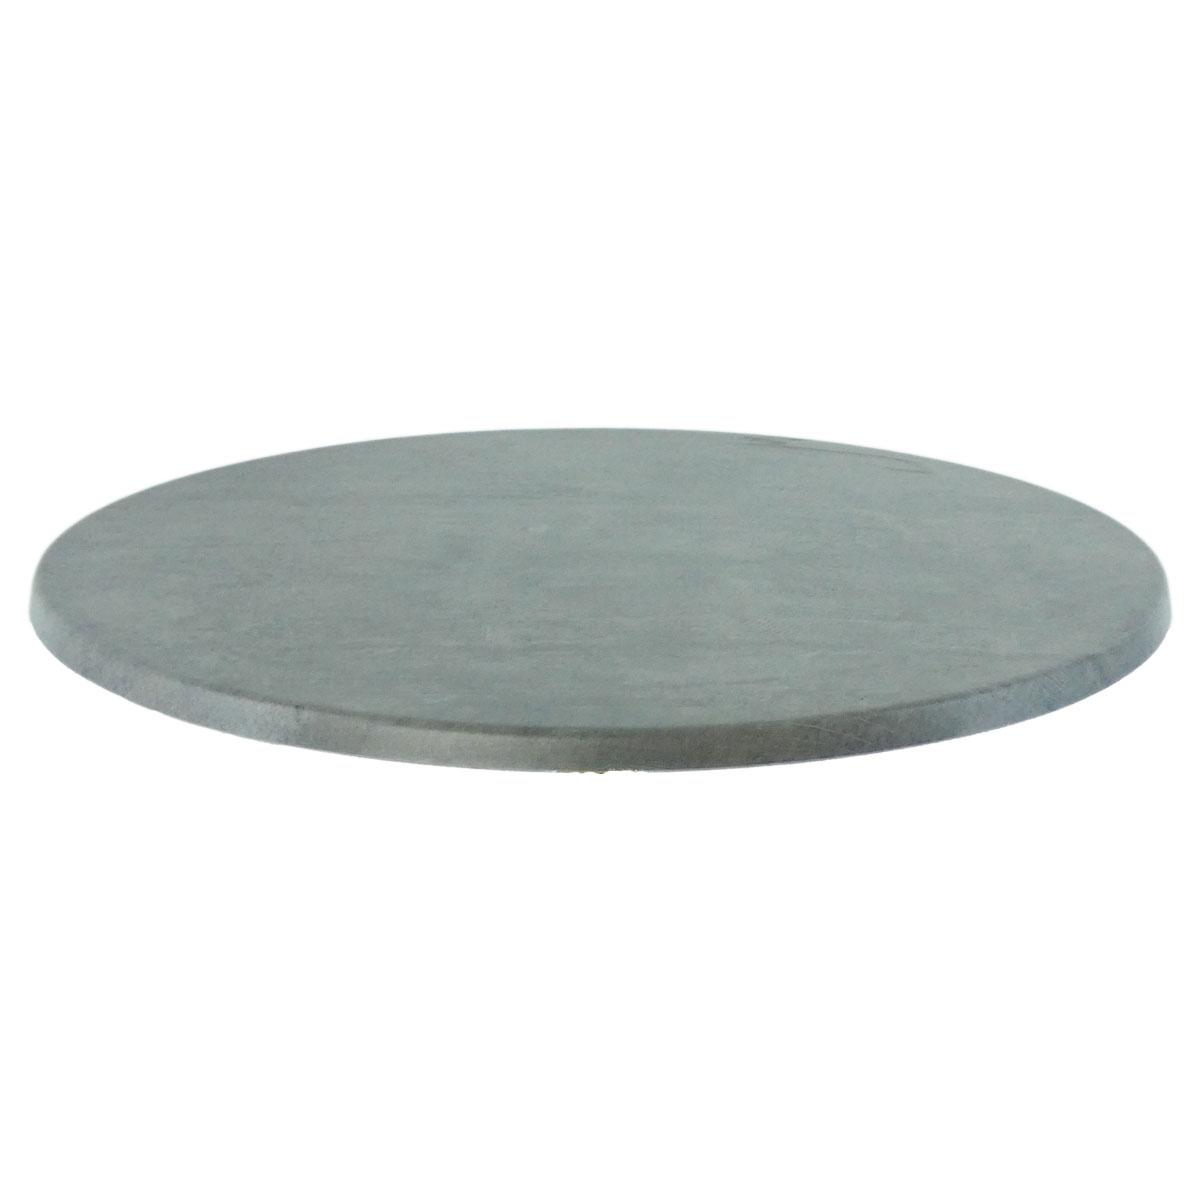 TICLA R70 029 - https://www.werzalit.com/fr/produit/plateau-de-table-classic-werzalit-r-oe80-029-city/